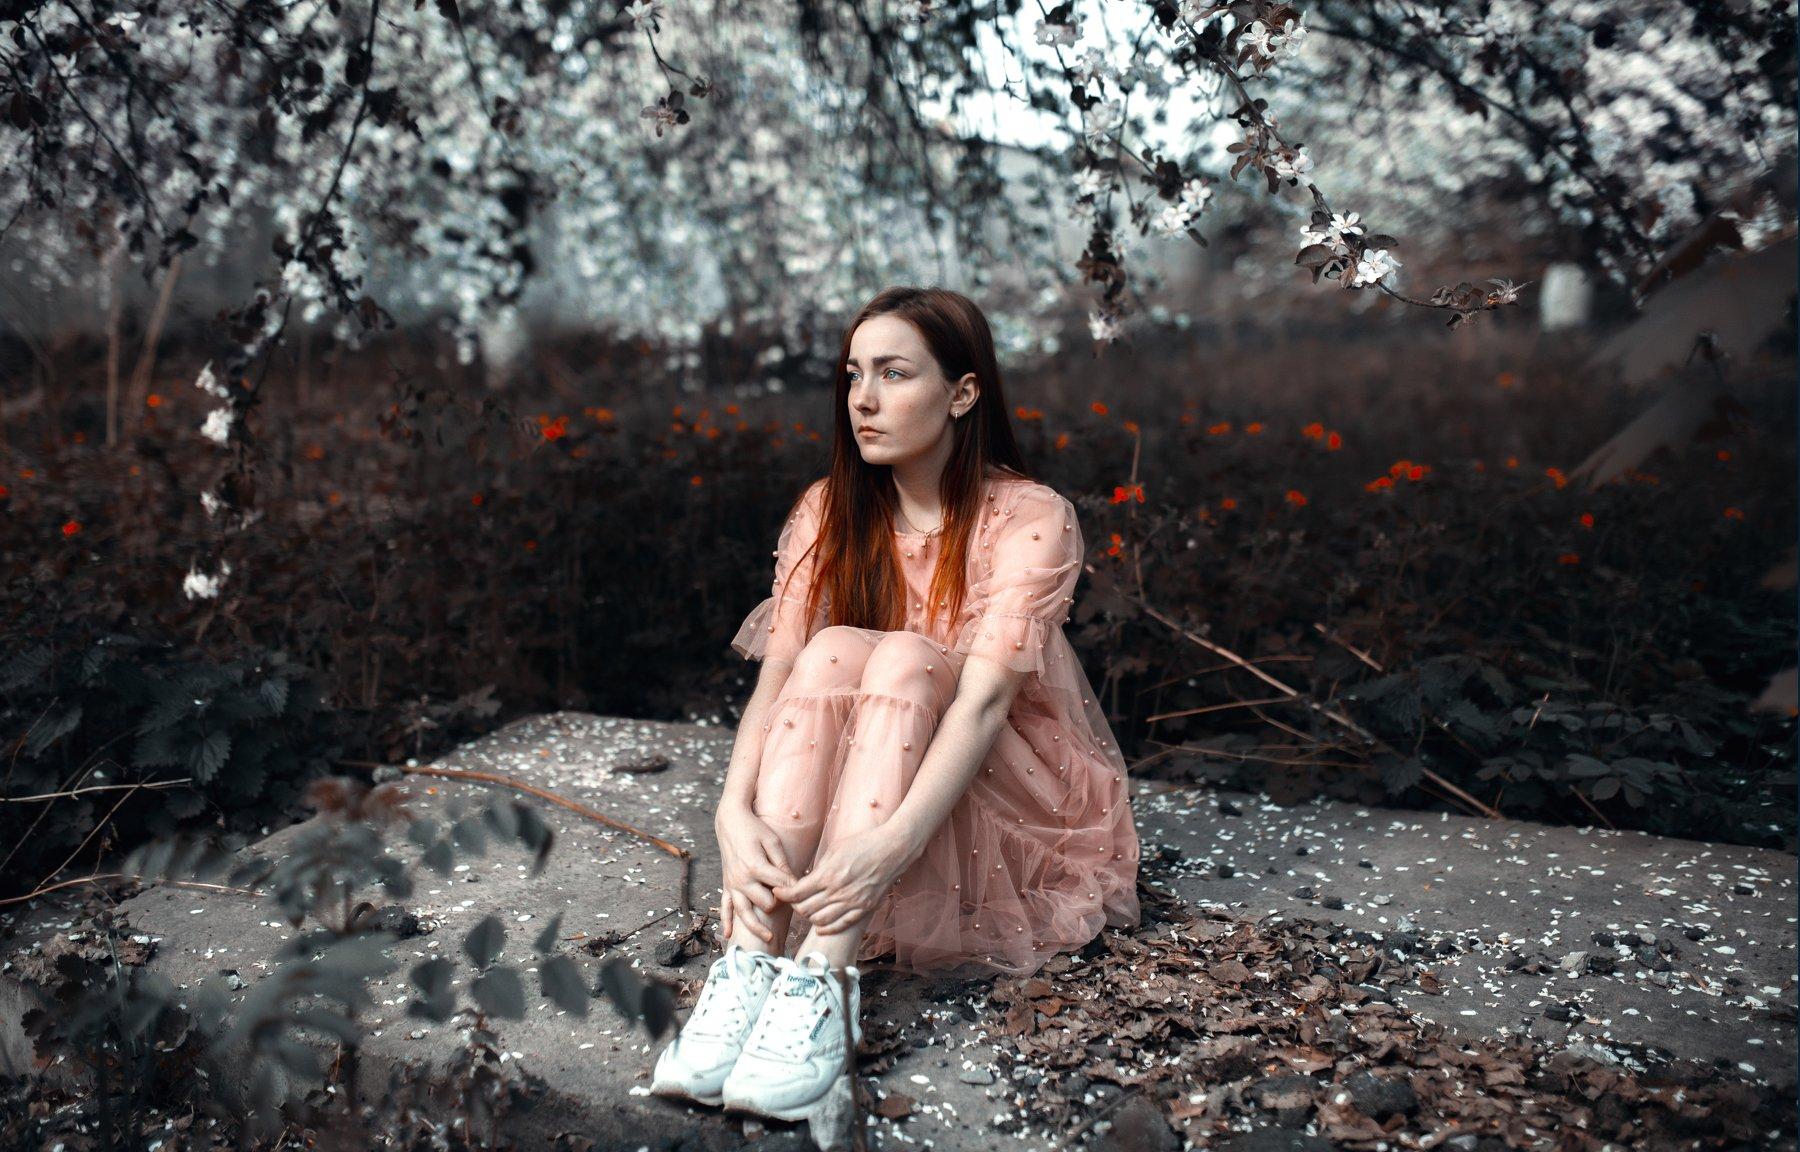 сад, цветущие деревья, цветут, яблони, девушка в саду, девушка в цветущем саду, , Маховицкая Кристина